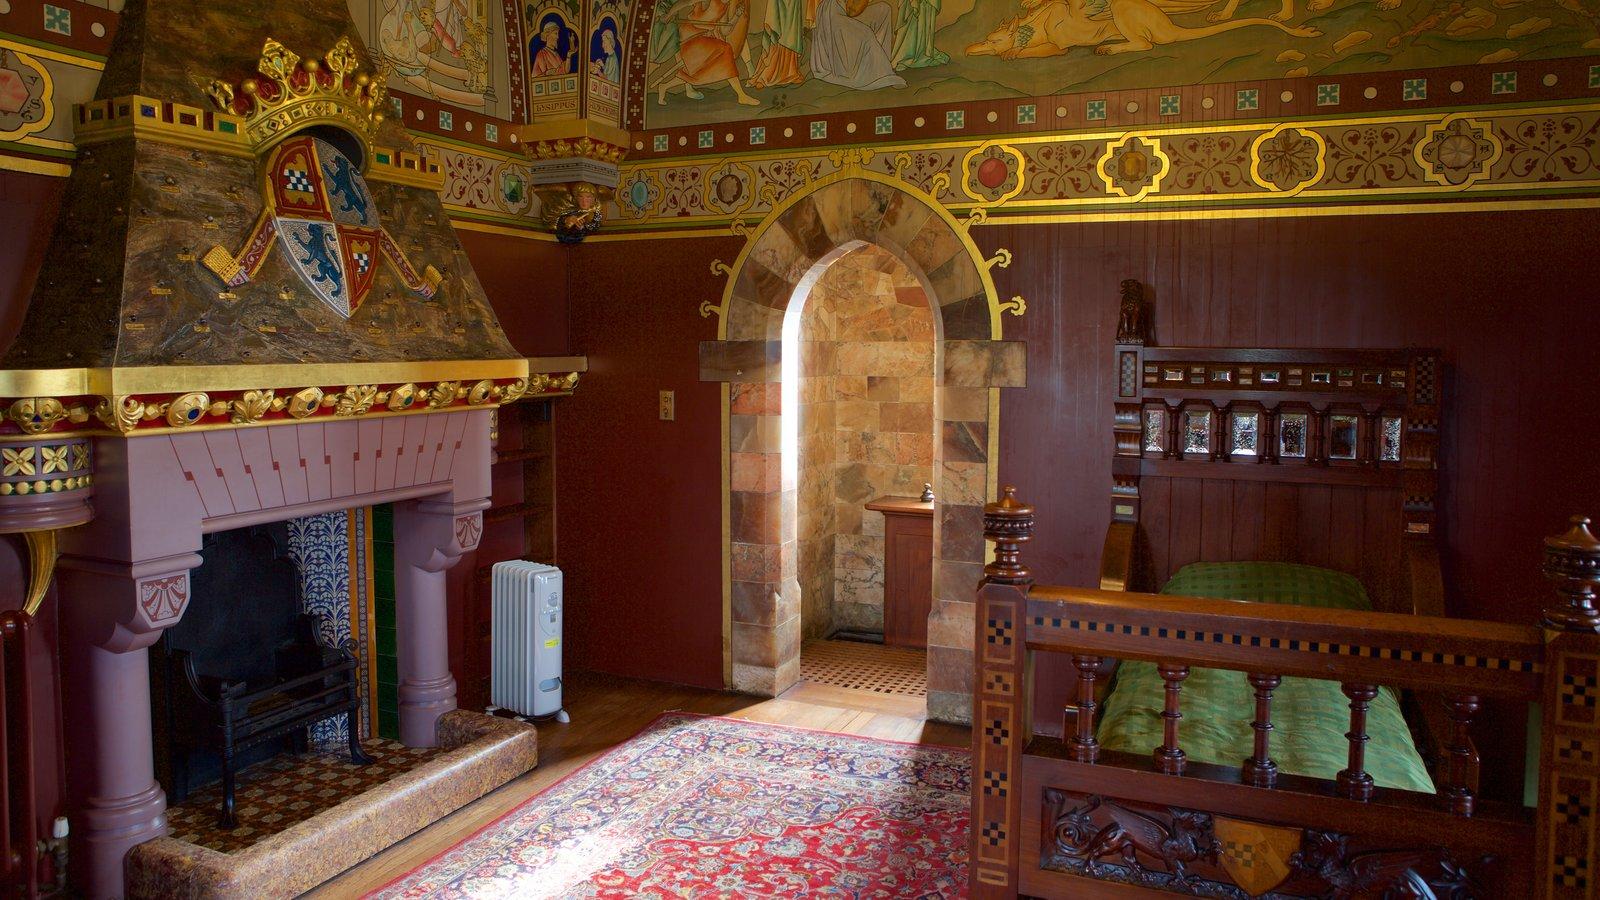 Castelo de Cardiff caracterizando um pequeno castelo ou palácio, vistas internas e elementos de patrimônio